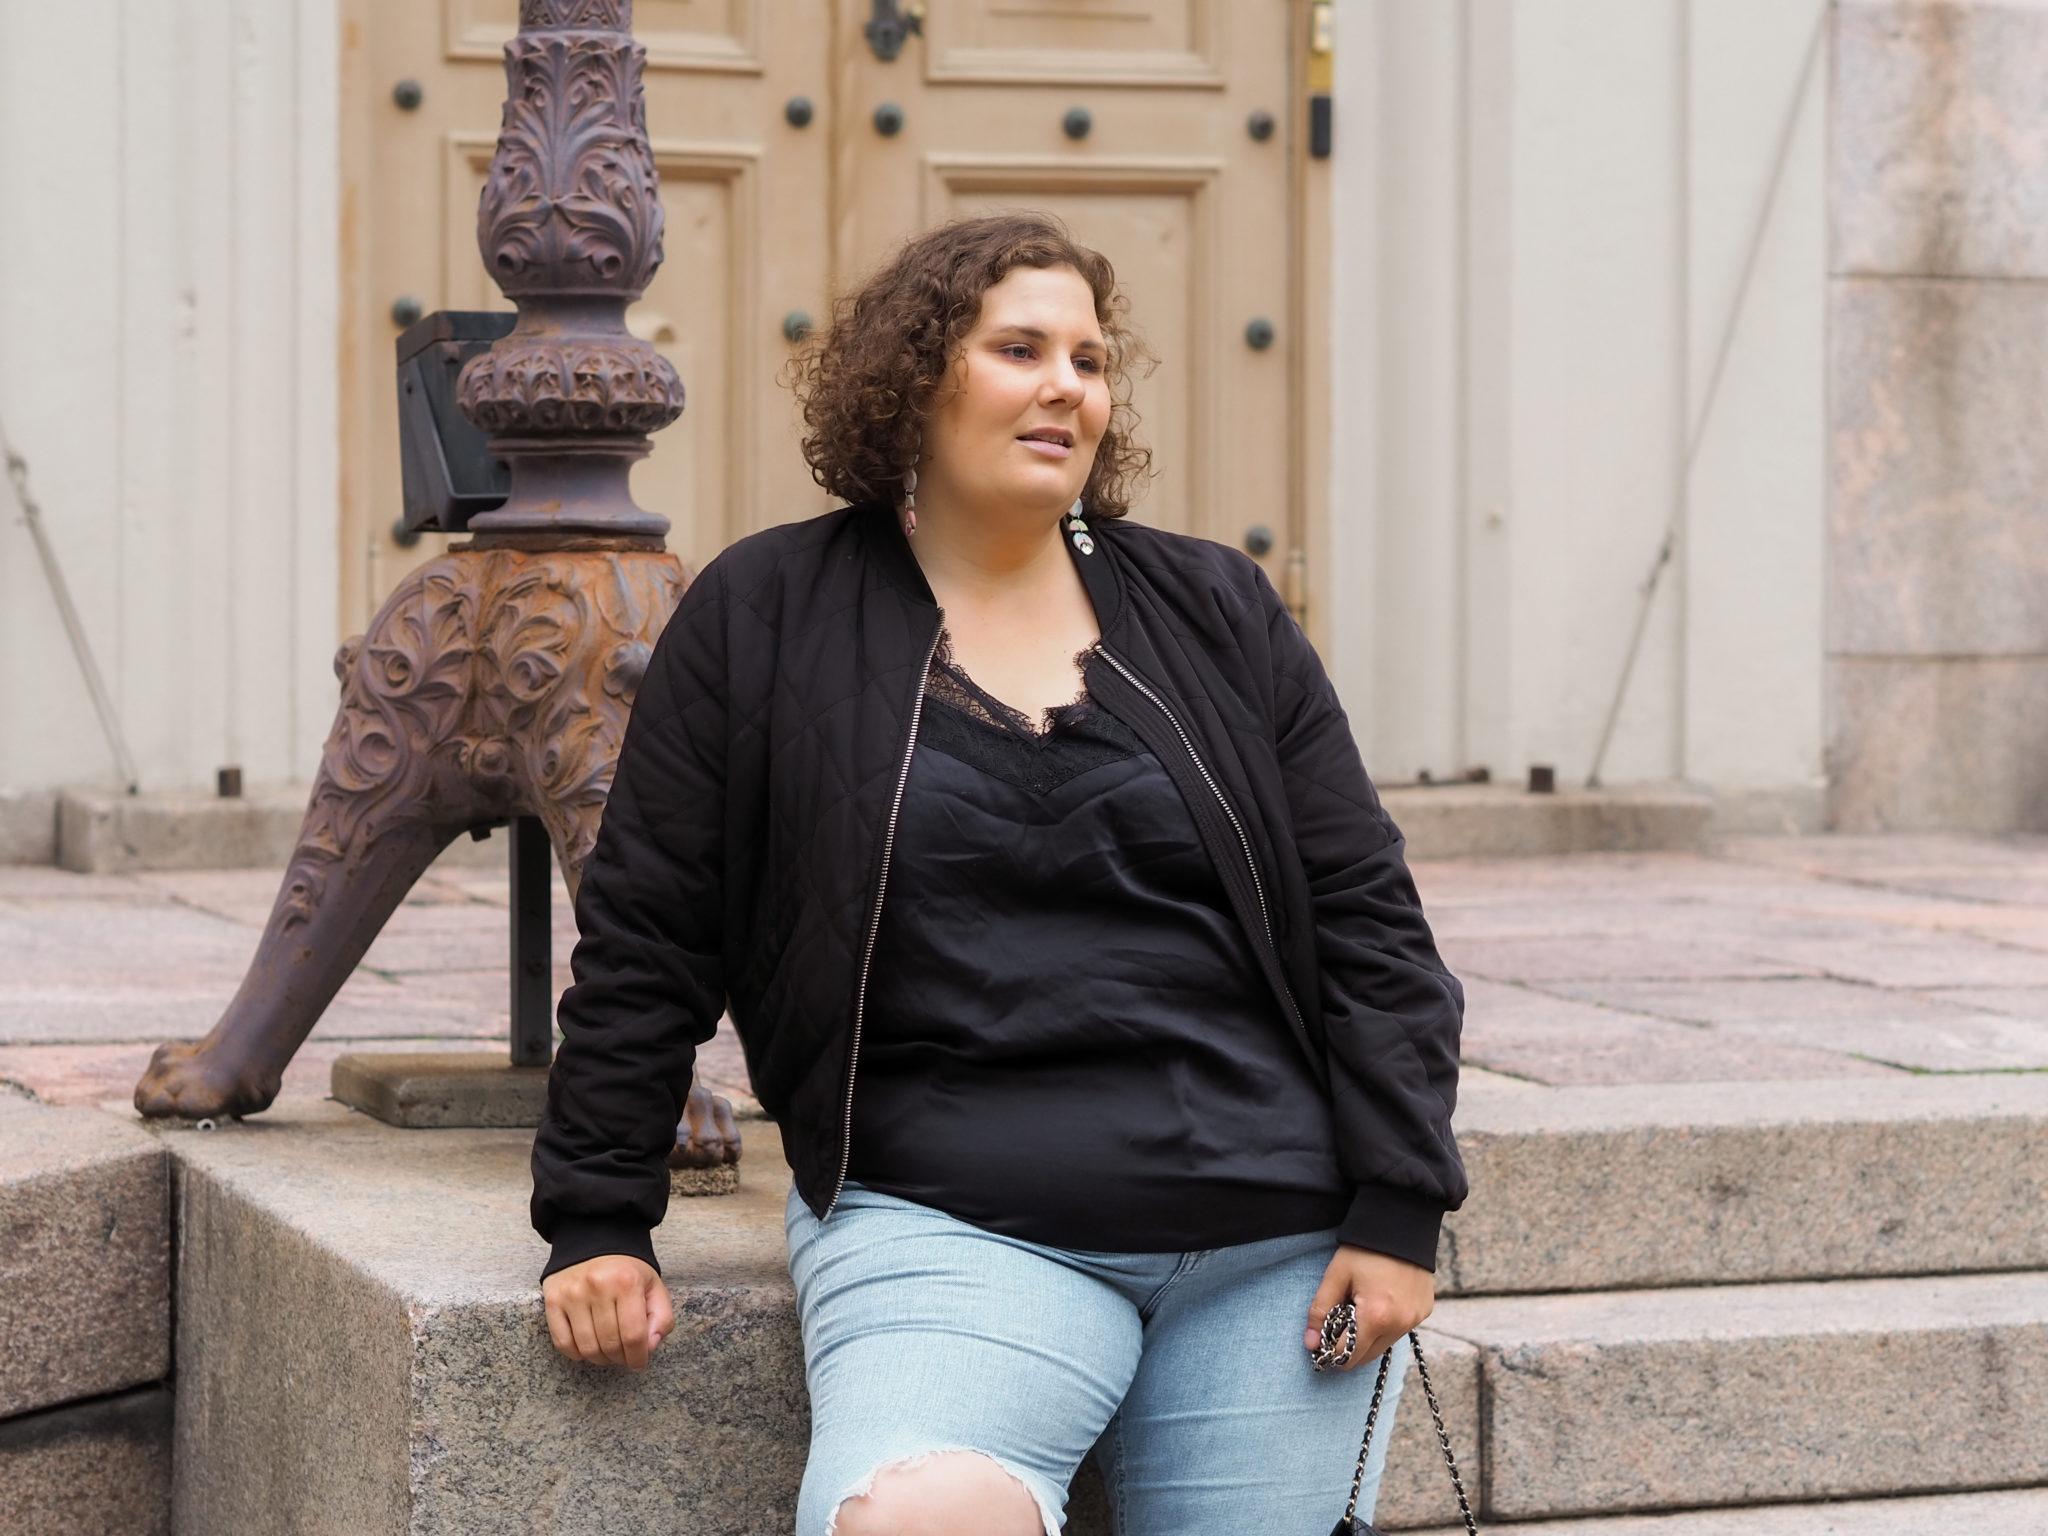 Parisuhdetta etsivällä naisella ei saisi olla seksisuhdetta - BMH - Big mamas home by Jenni